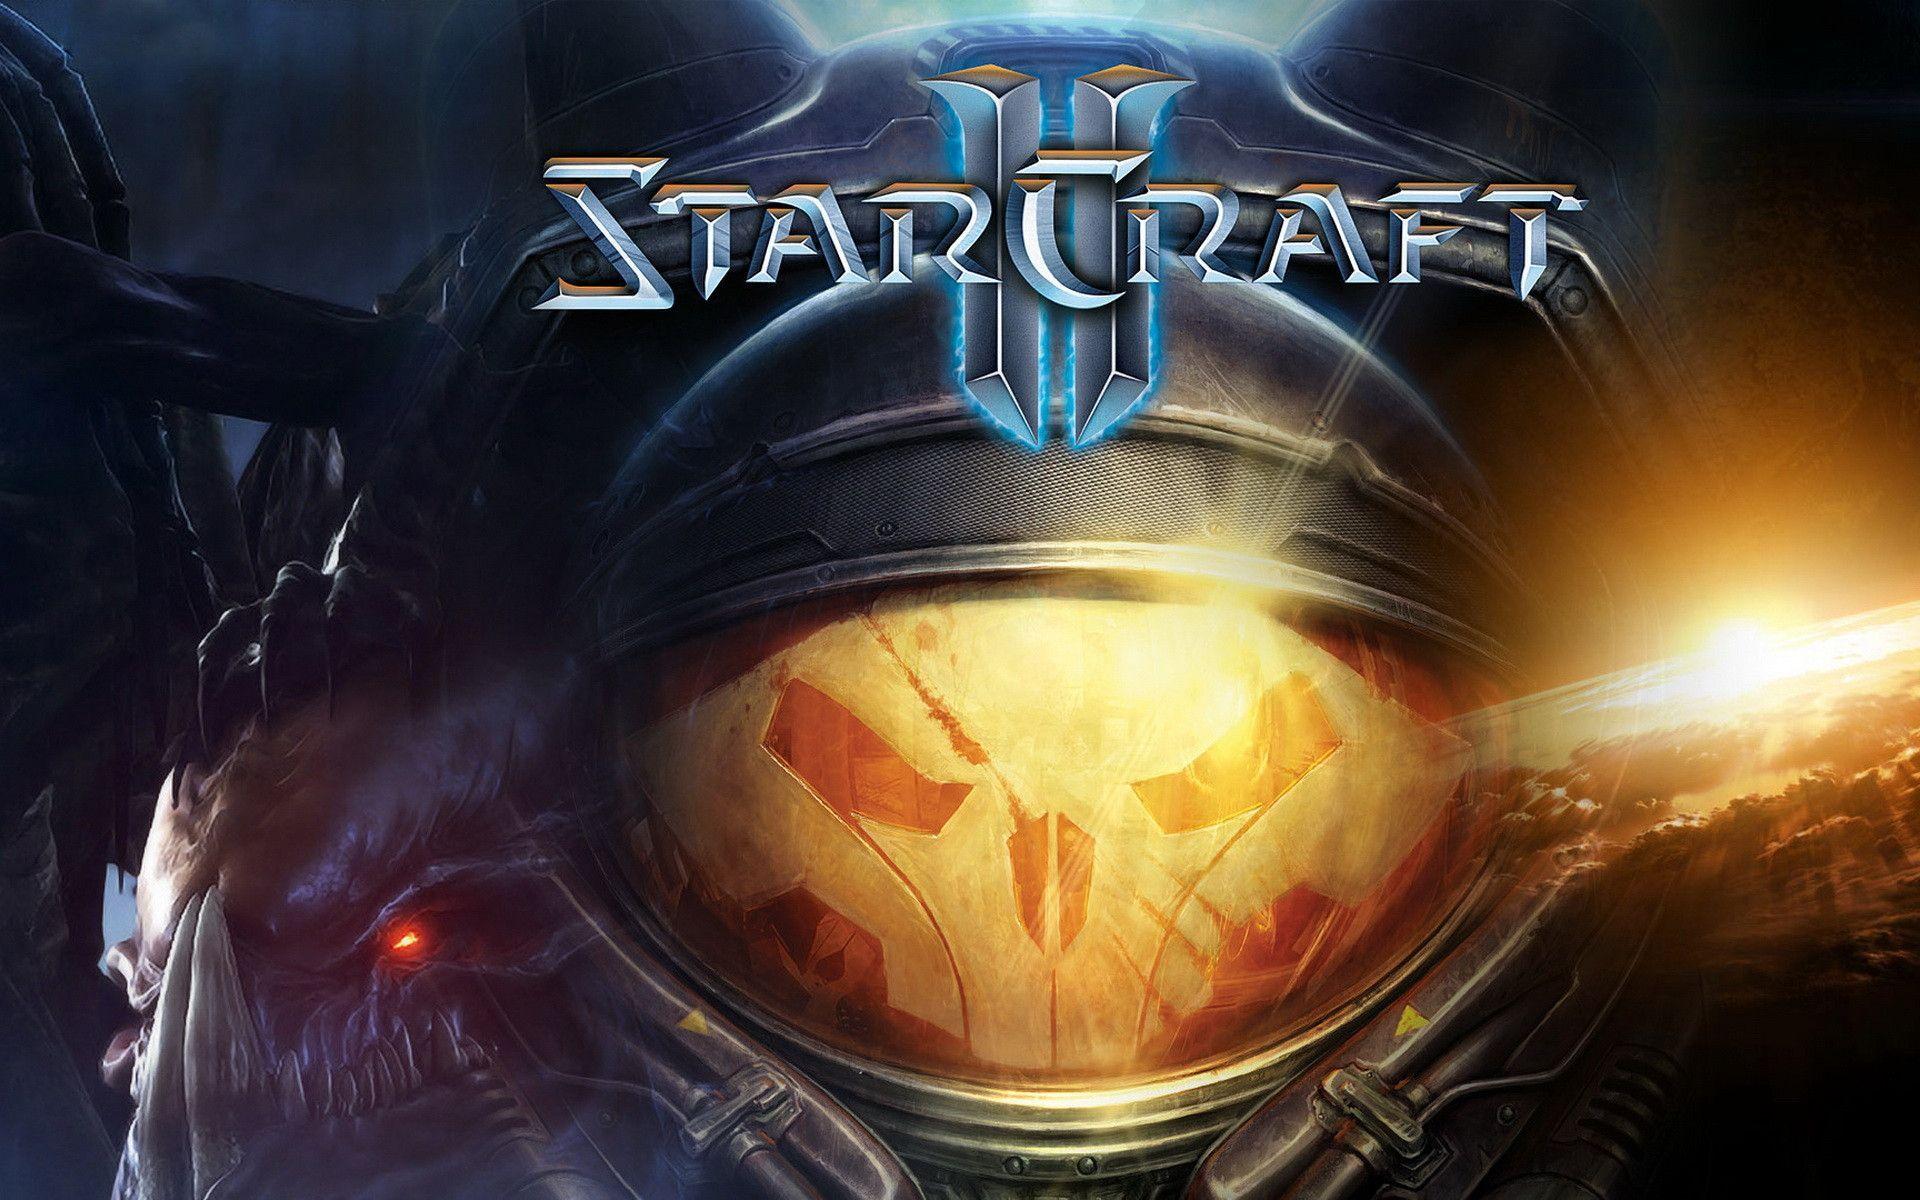 StarCraft-1920x1080-Cave-wallpaper-wp36010865